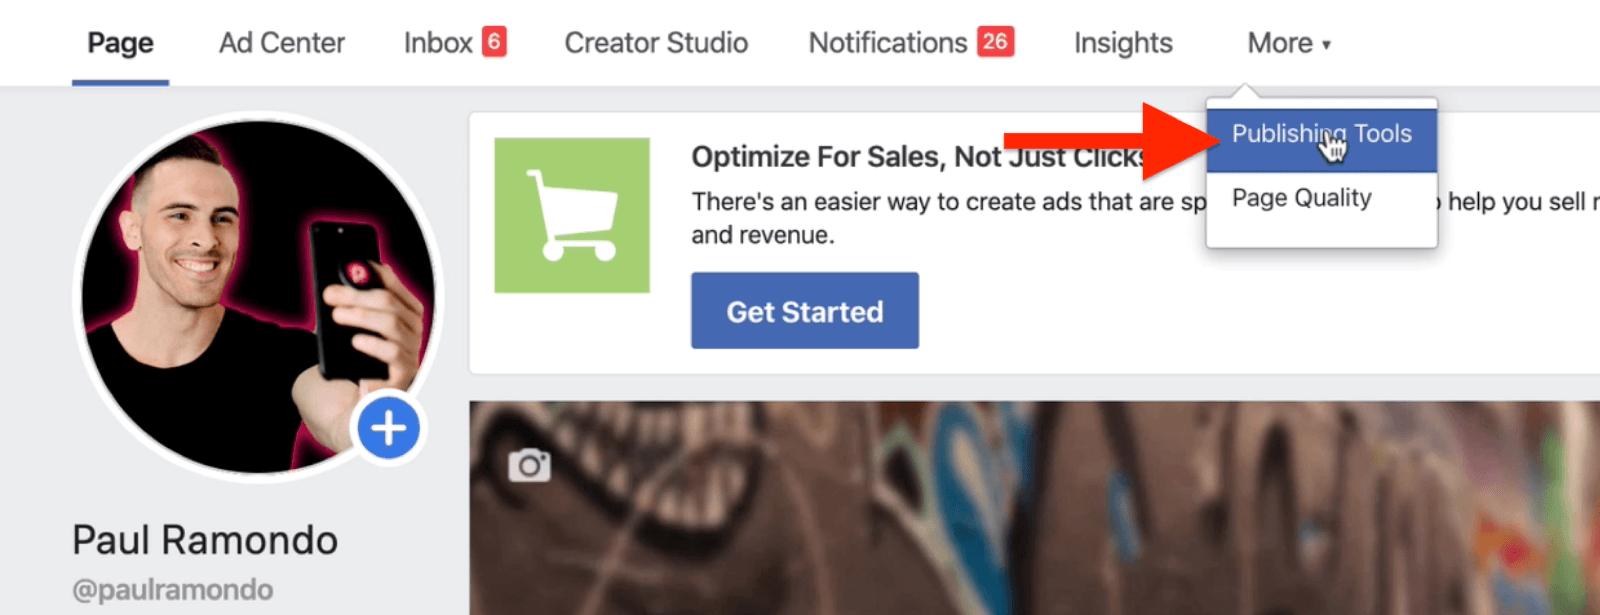 跨境市场人:如何制作有效的Facebook潜在客户广告